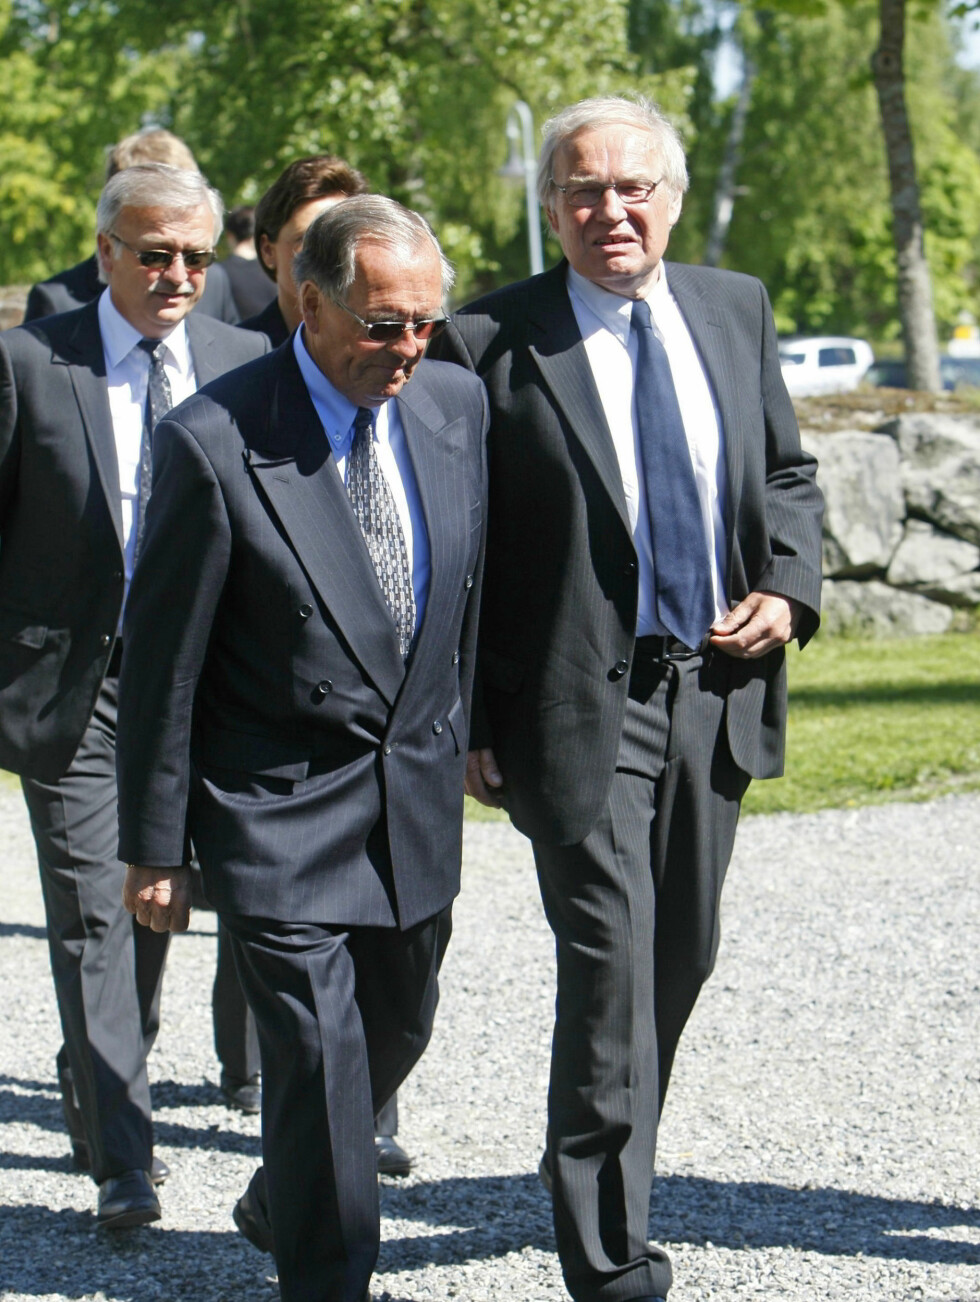 SISTE FARVEL: Tidligere kolleger Arne Scheie (t.h), Jon Herwig Carlsen og tv-kjendis Halvard Flatland (bak) går inn i kirken. Foto: SCANPIX